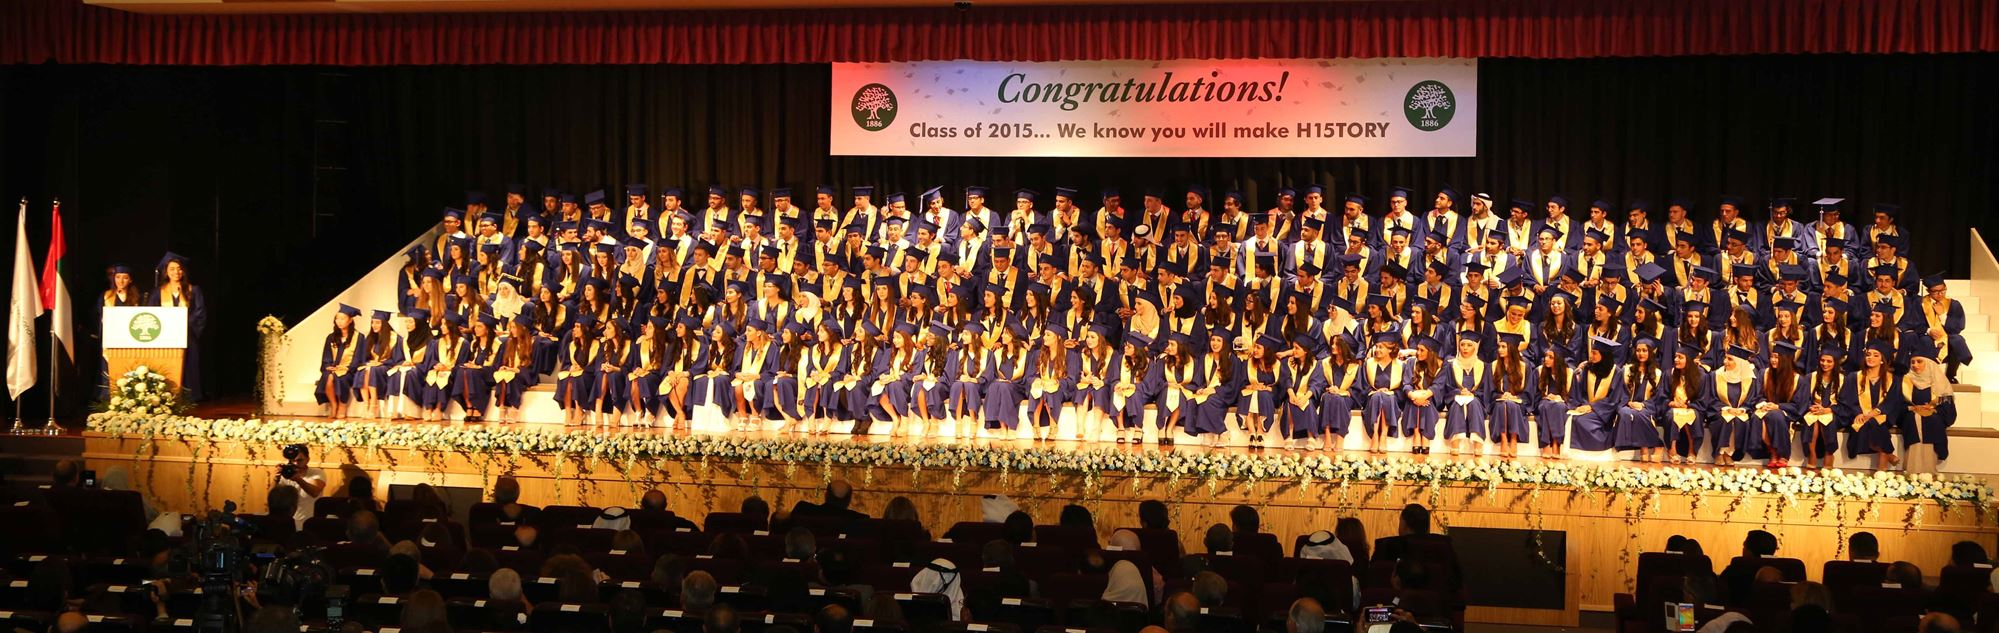 ISC-Dubai Graduation 2015 - May. 22. 2015 - The ...